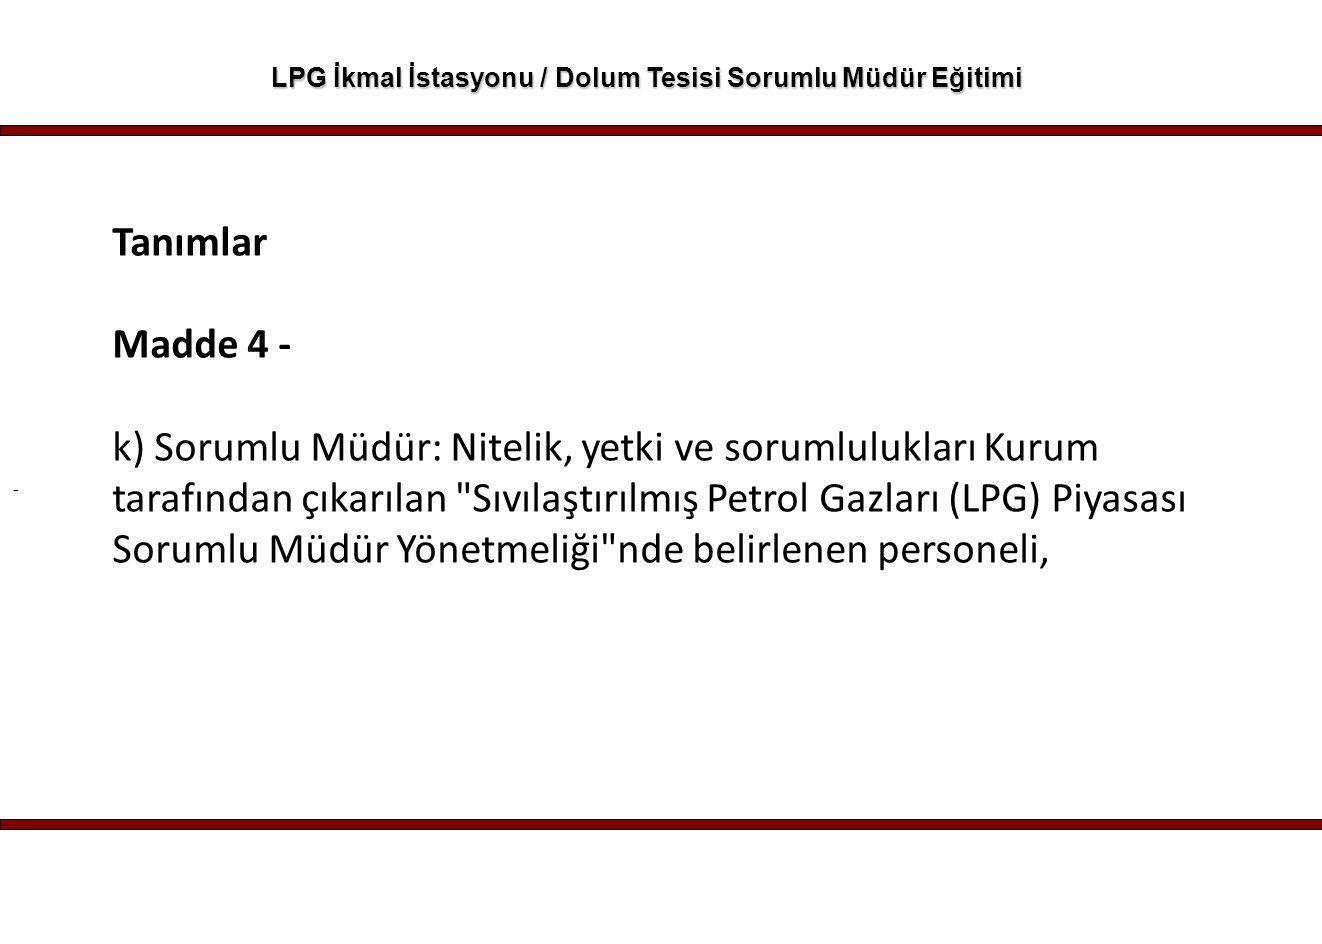 - LPG İkmal İstasyonu / Dolum Tesisi Sorumlu Müdür Eğitimi Tanımlar Madde 4 - k) Sorumlu Müdür: Nitelik, yetki ve sorumlulukları Kurum tarafından çıka